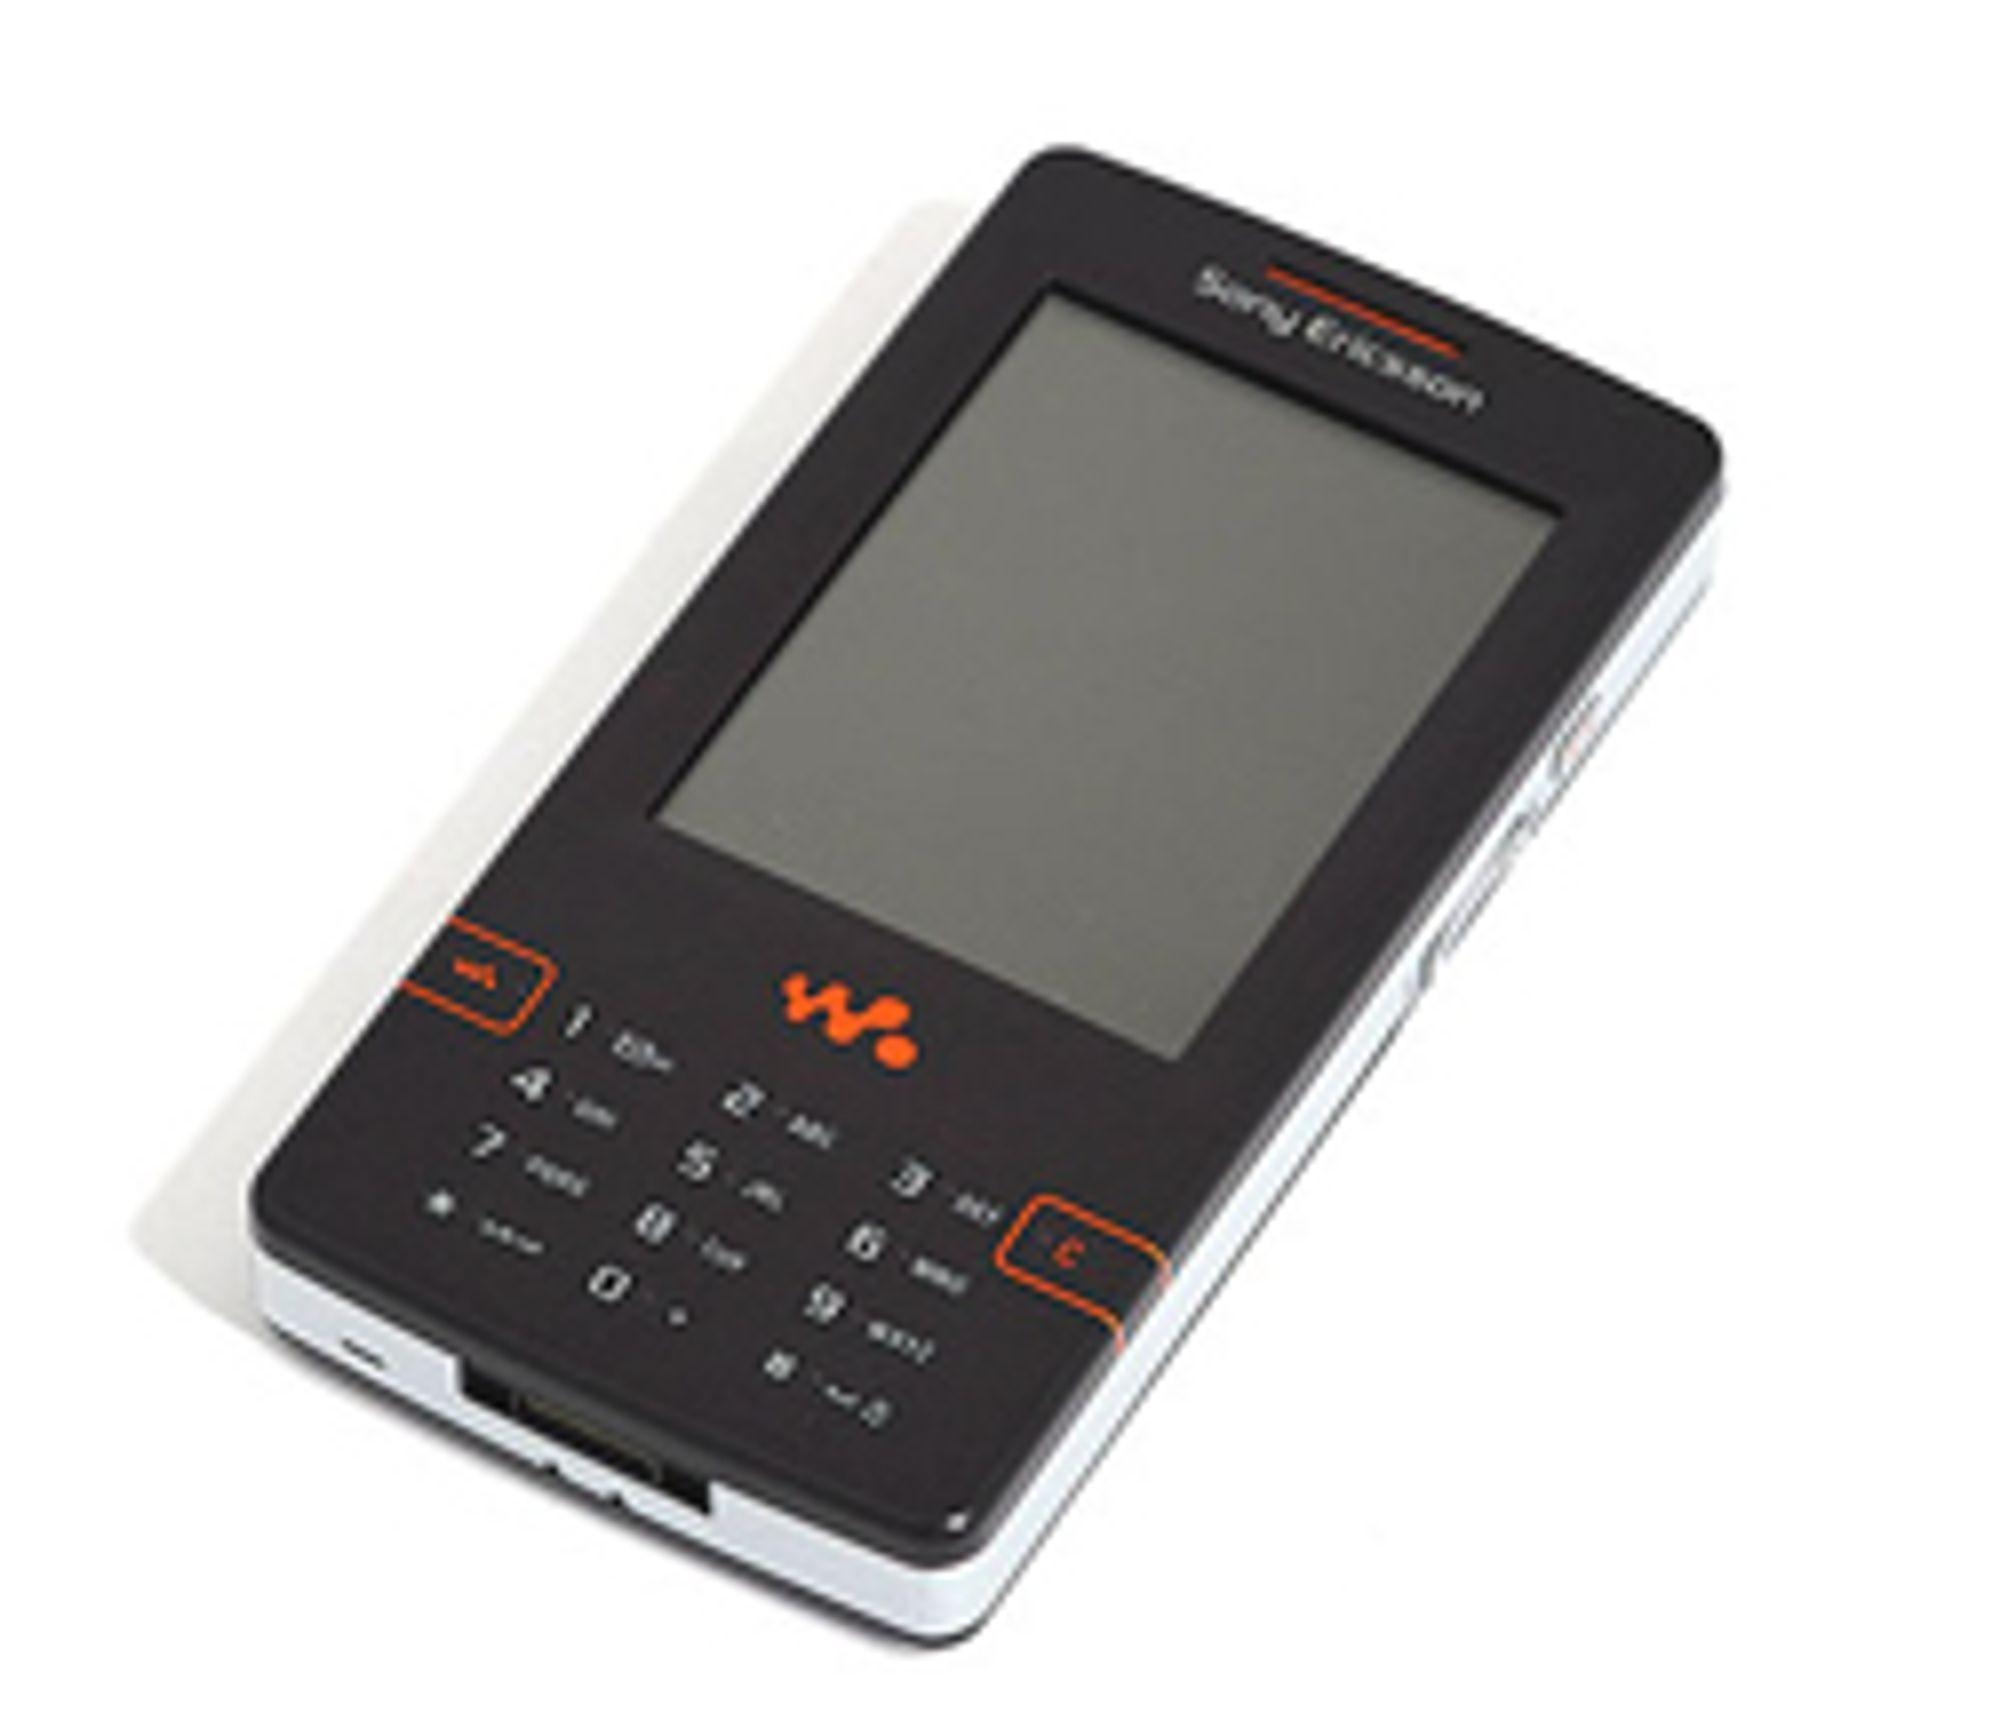 Med unntak av at lyden var skral, var dette en fantastisk telefon.